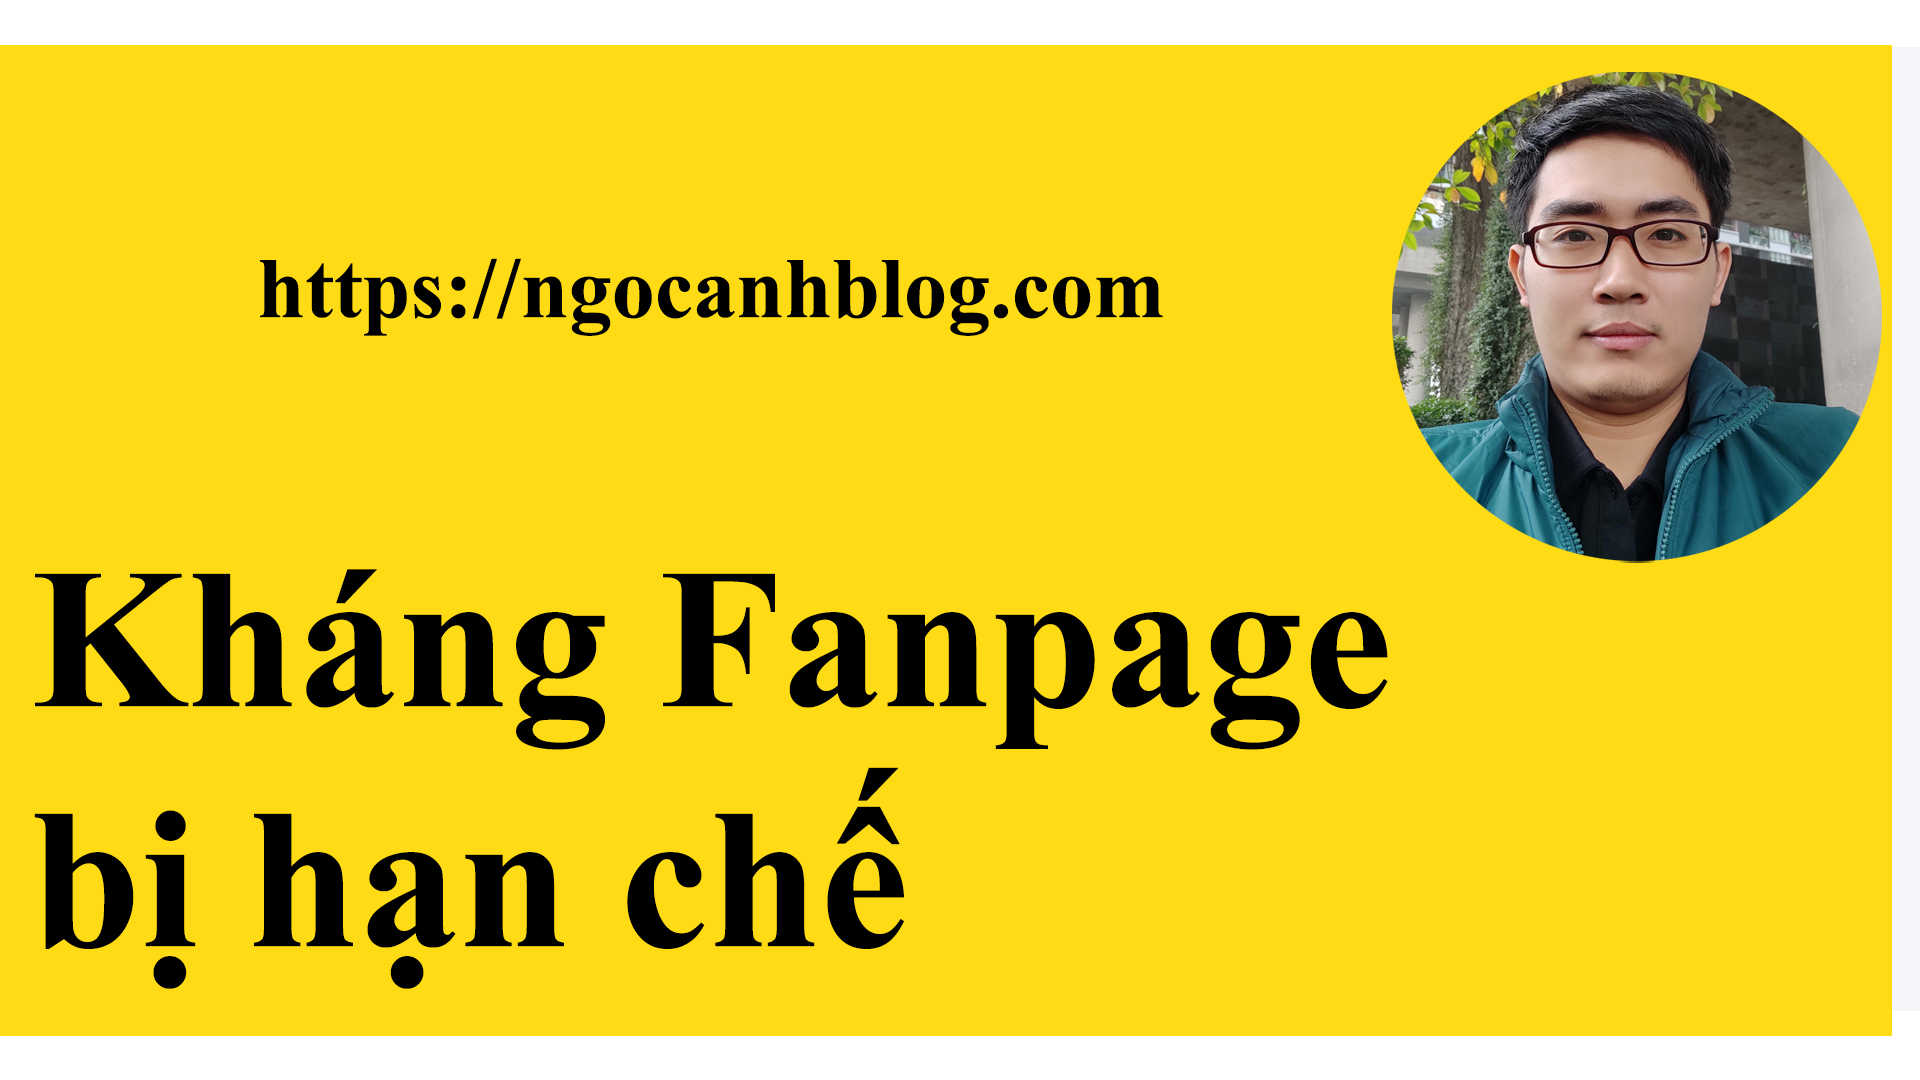 Cách Kháng Fanpage bị hạn chế không thể quảng cáo được